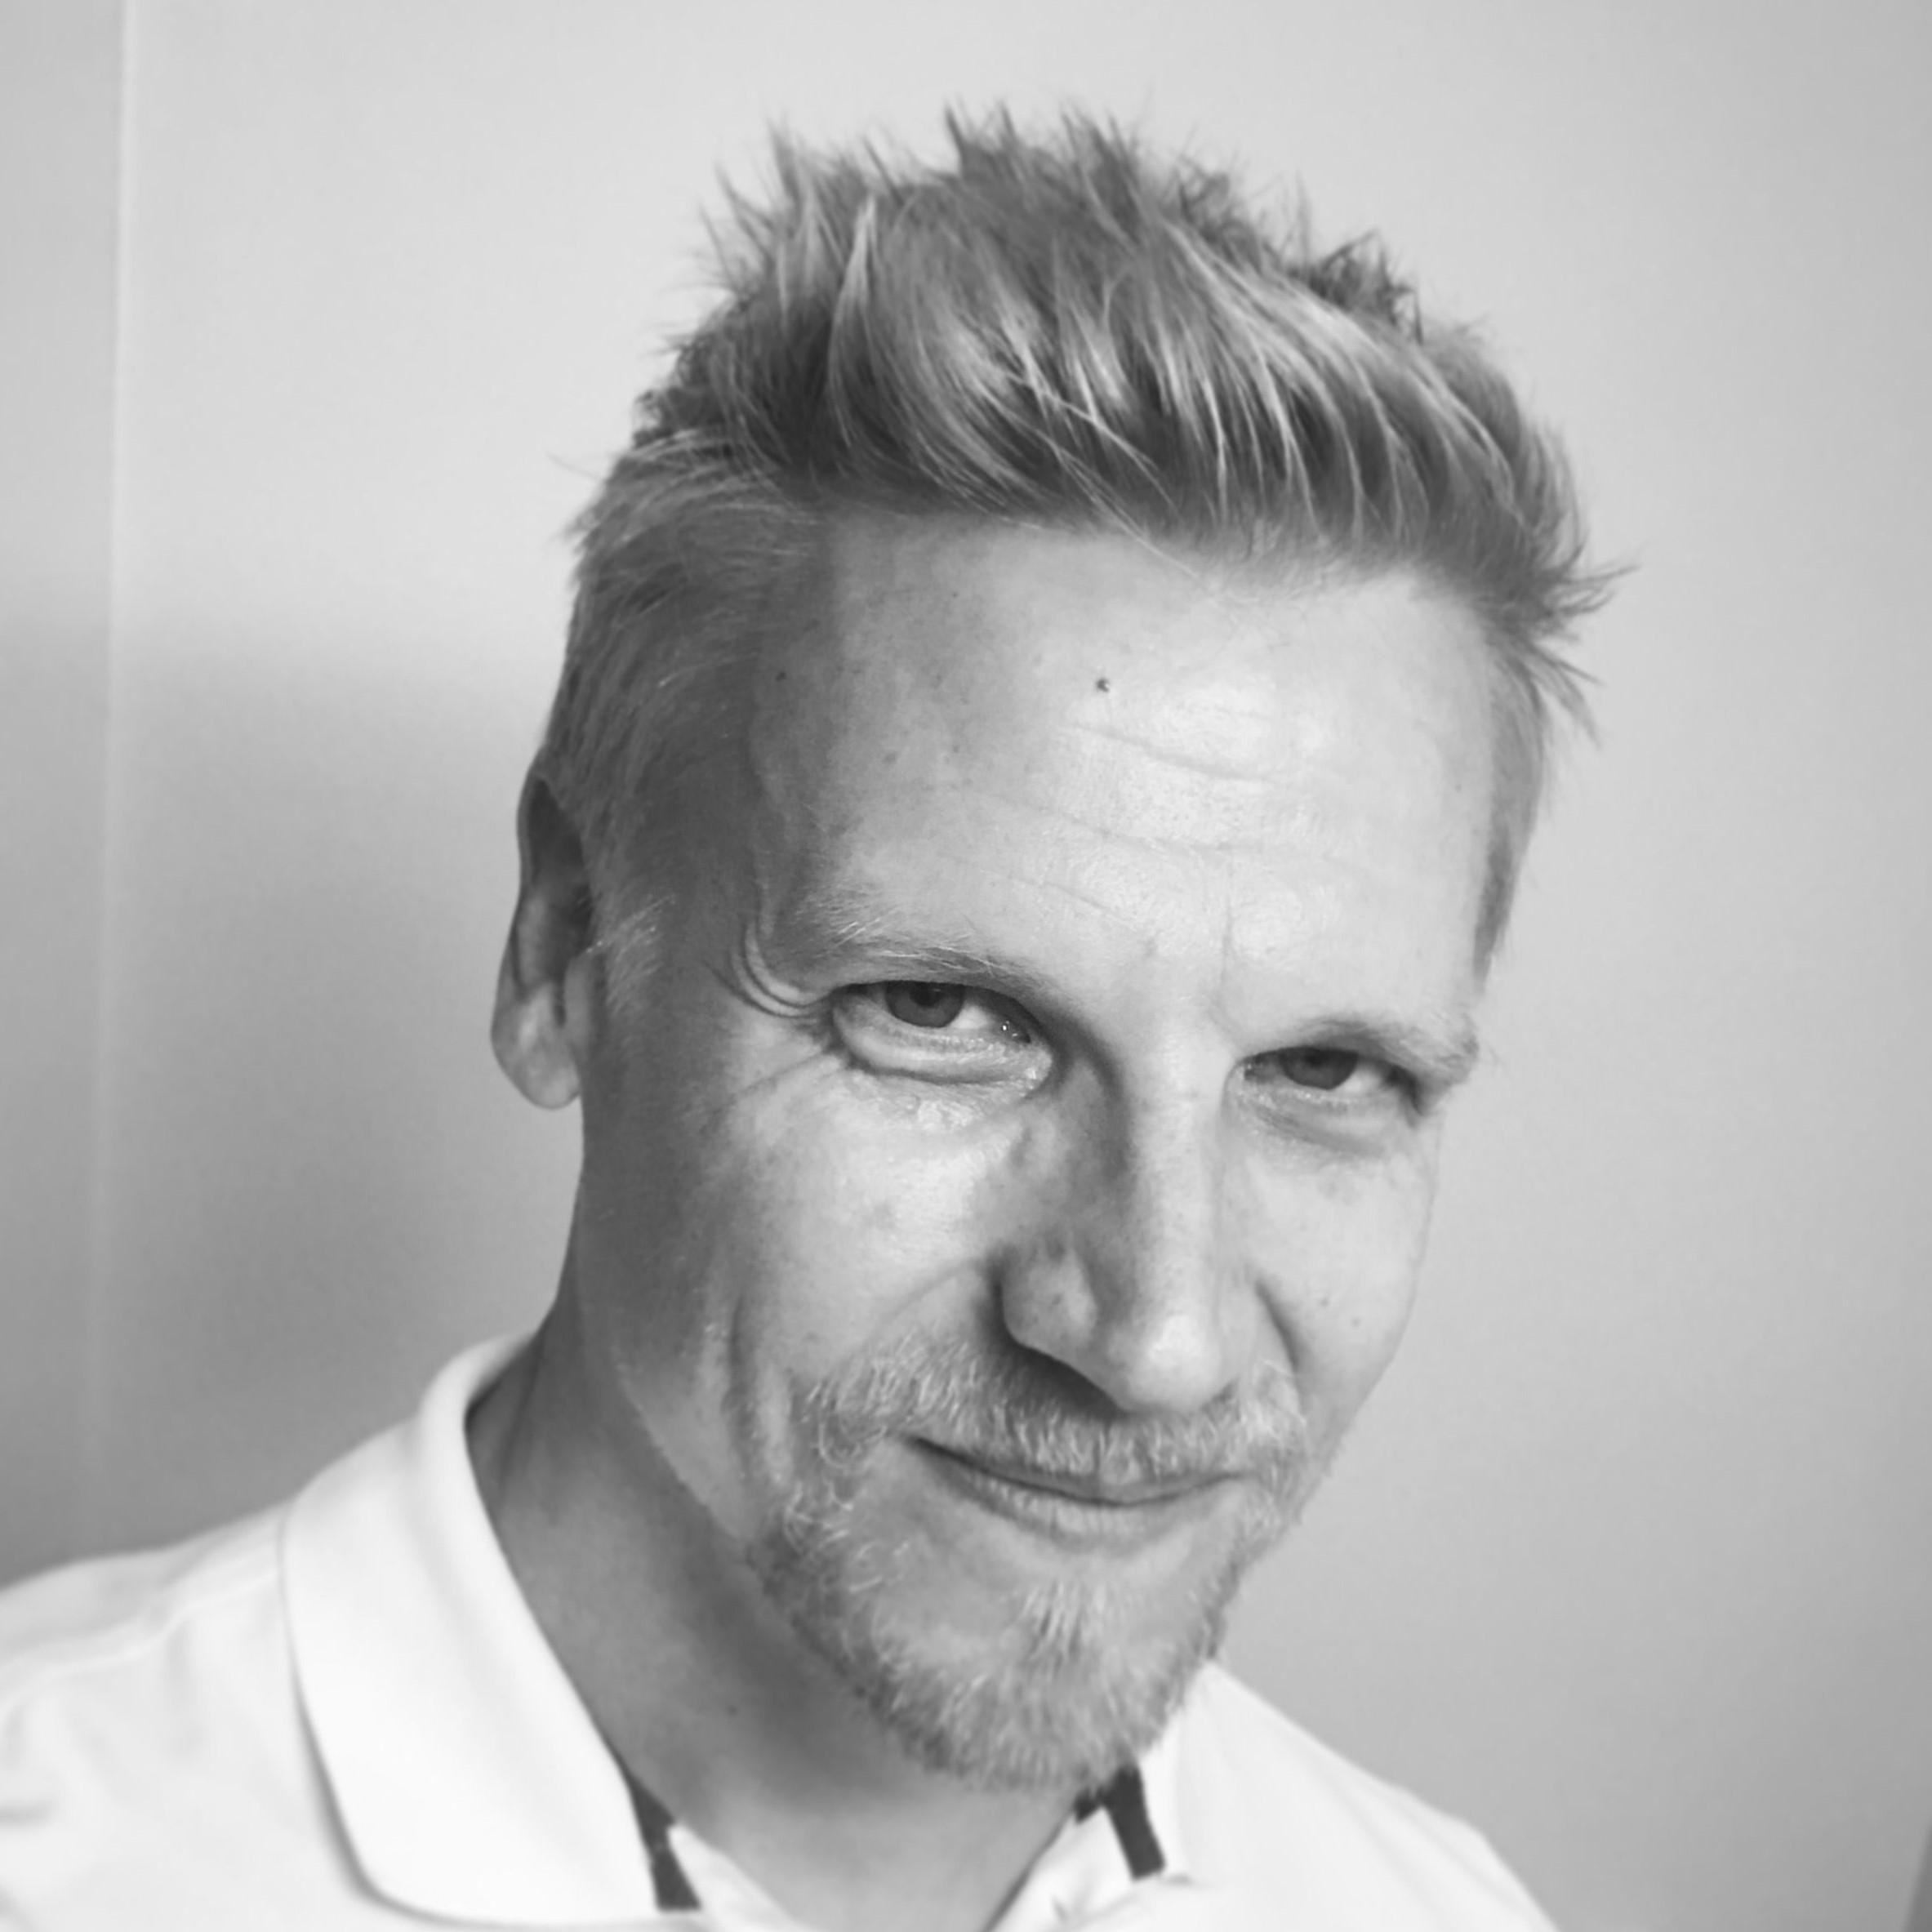 Pekka Ruotsalainen